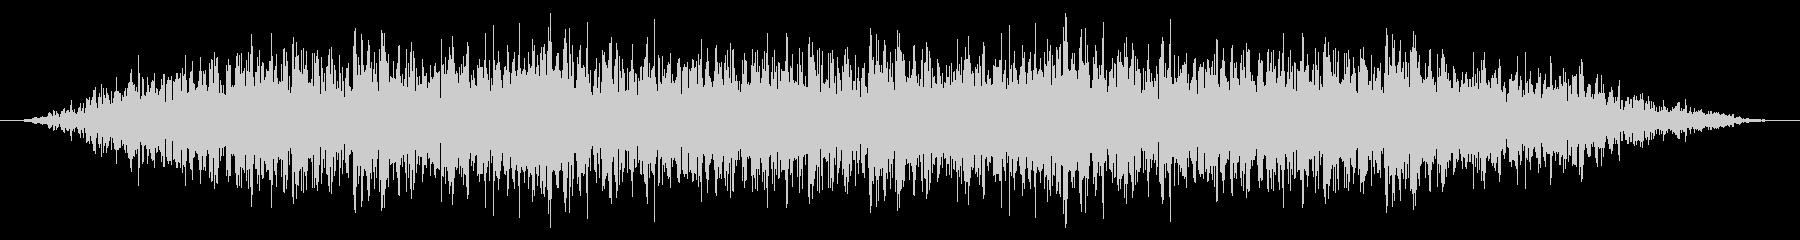 SNES サッカー01-08(歓声)の未再生の波形